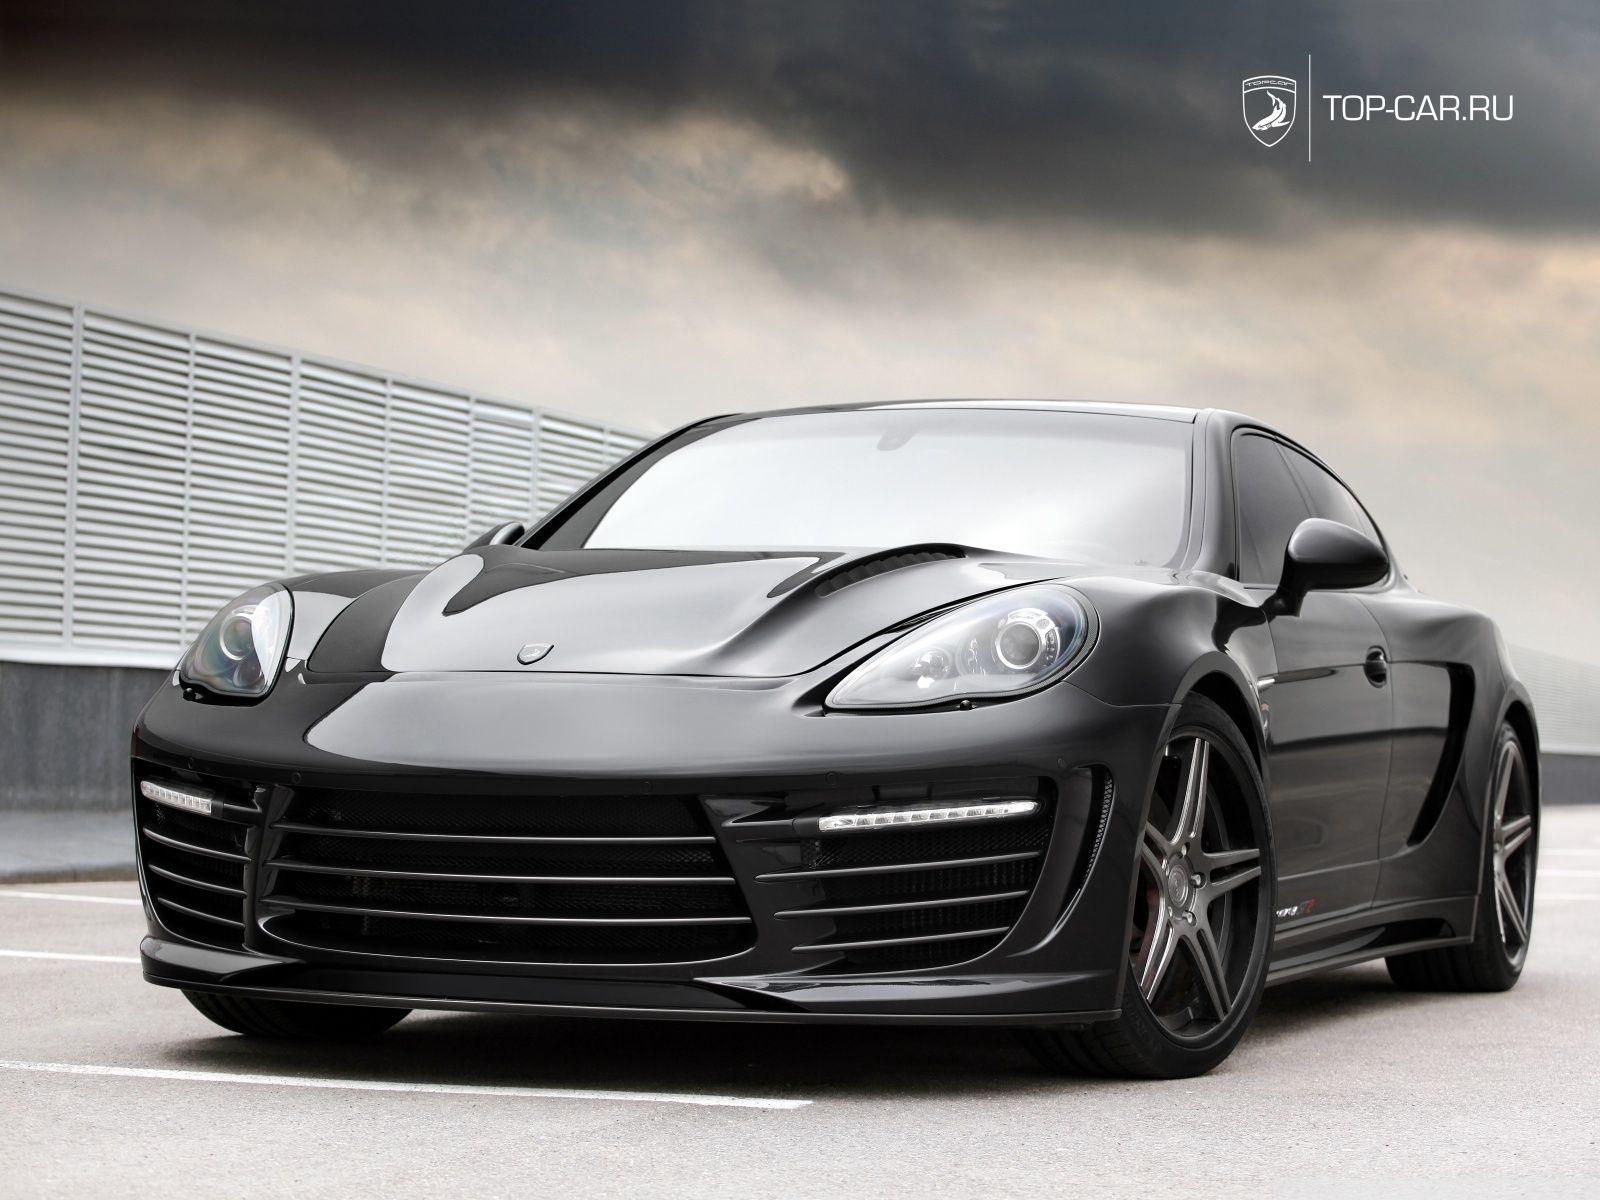 Porsche Panamera Stingray GTR HD Desktop Wallpaper Widescreen